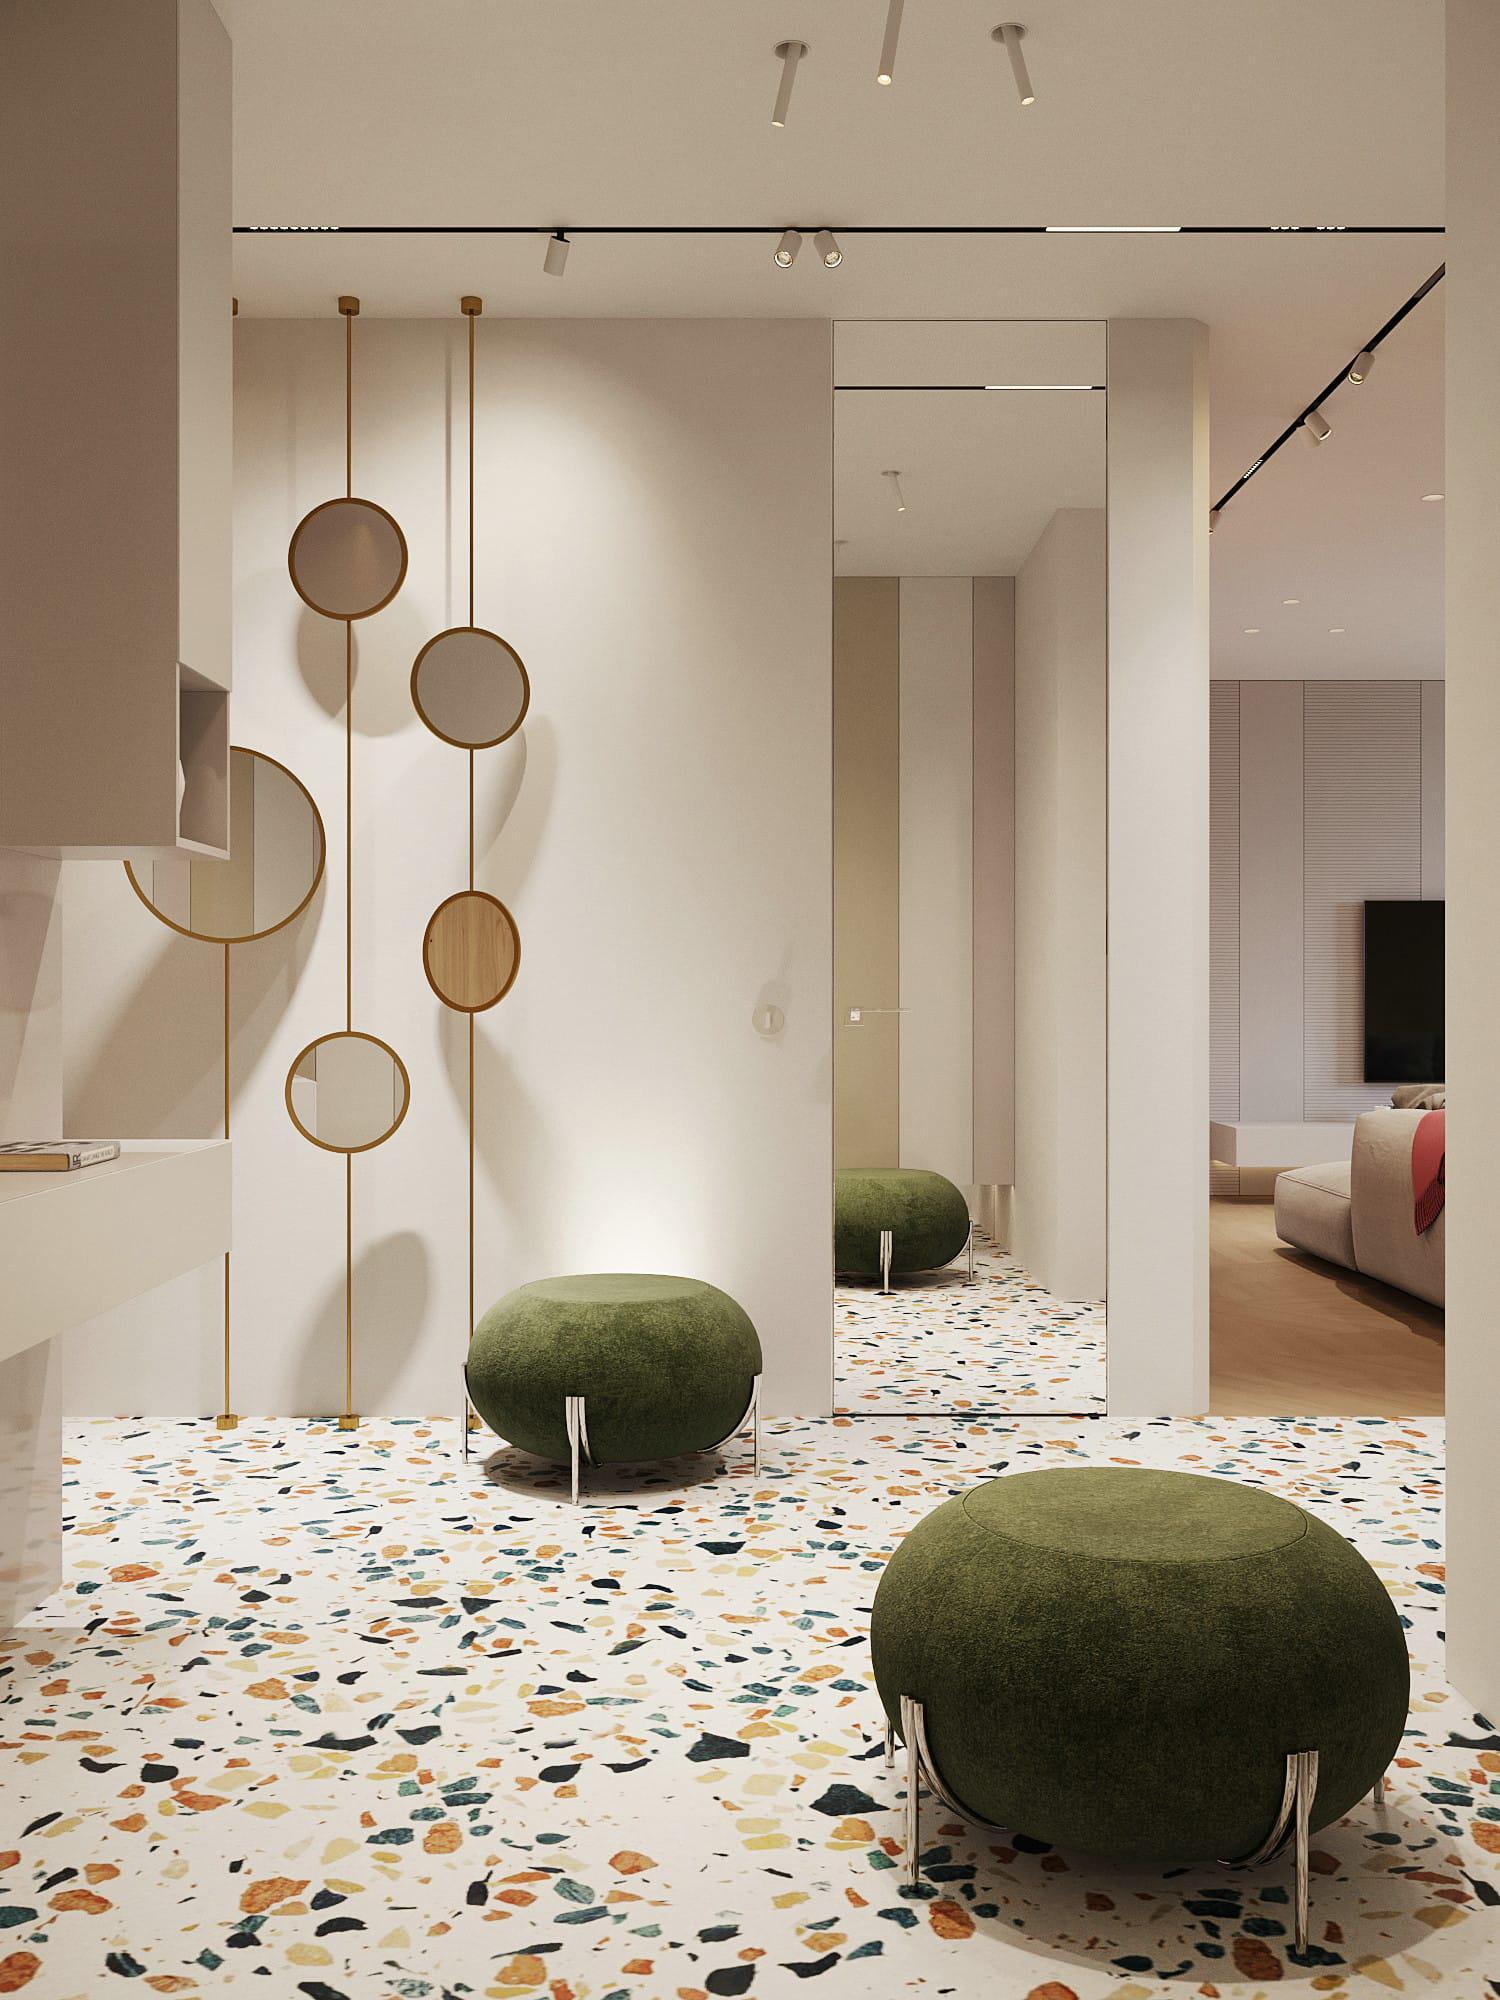 Terrazzo: Stylish specks